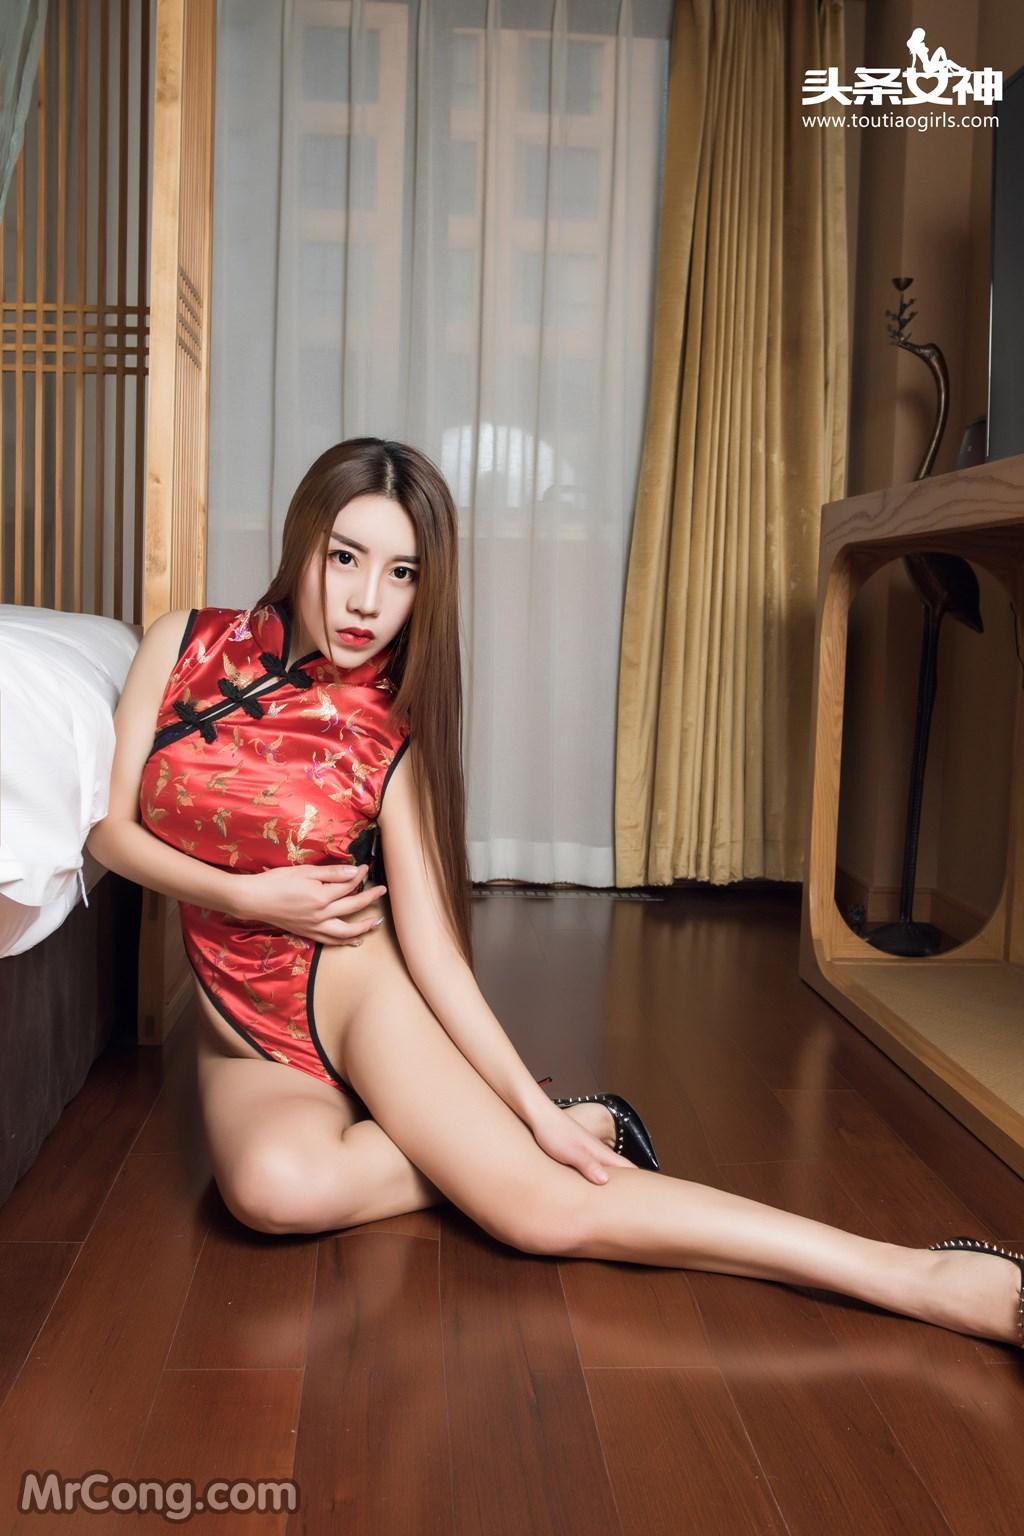 Image MrCong.com-TouTiao-2016-12-13-An-Su-Rui-005 in post TouTiao 2016-12-13: Người mẫu An Su Rui (安苏芮) (18 ảnh)